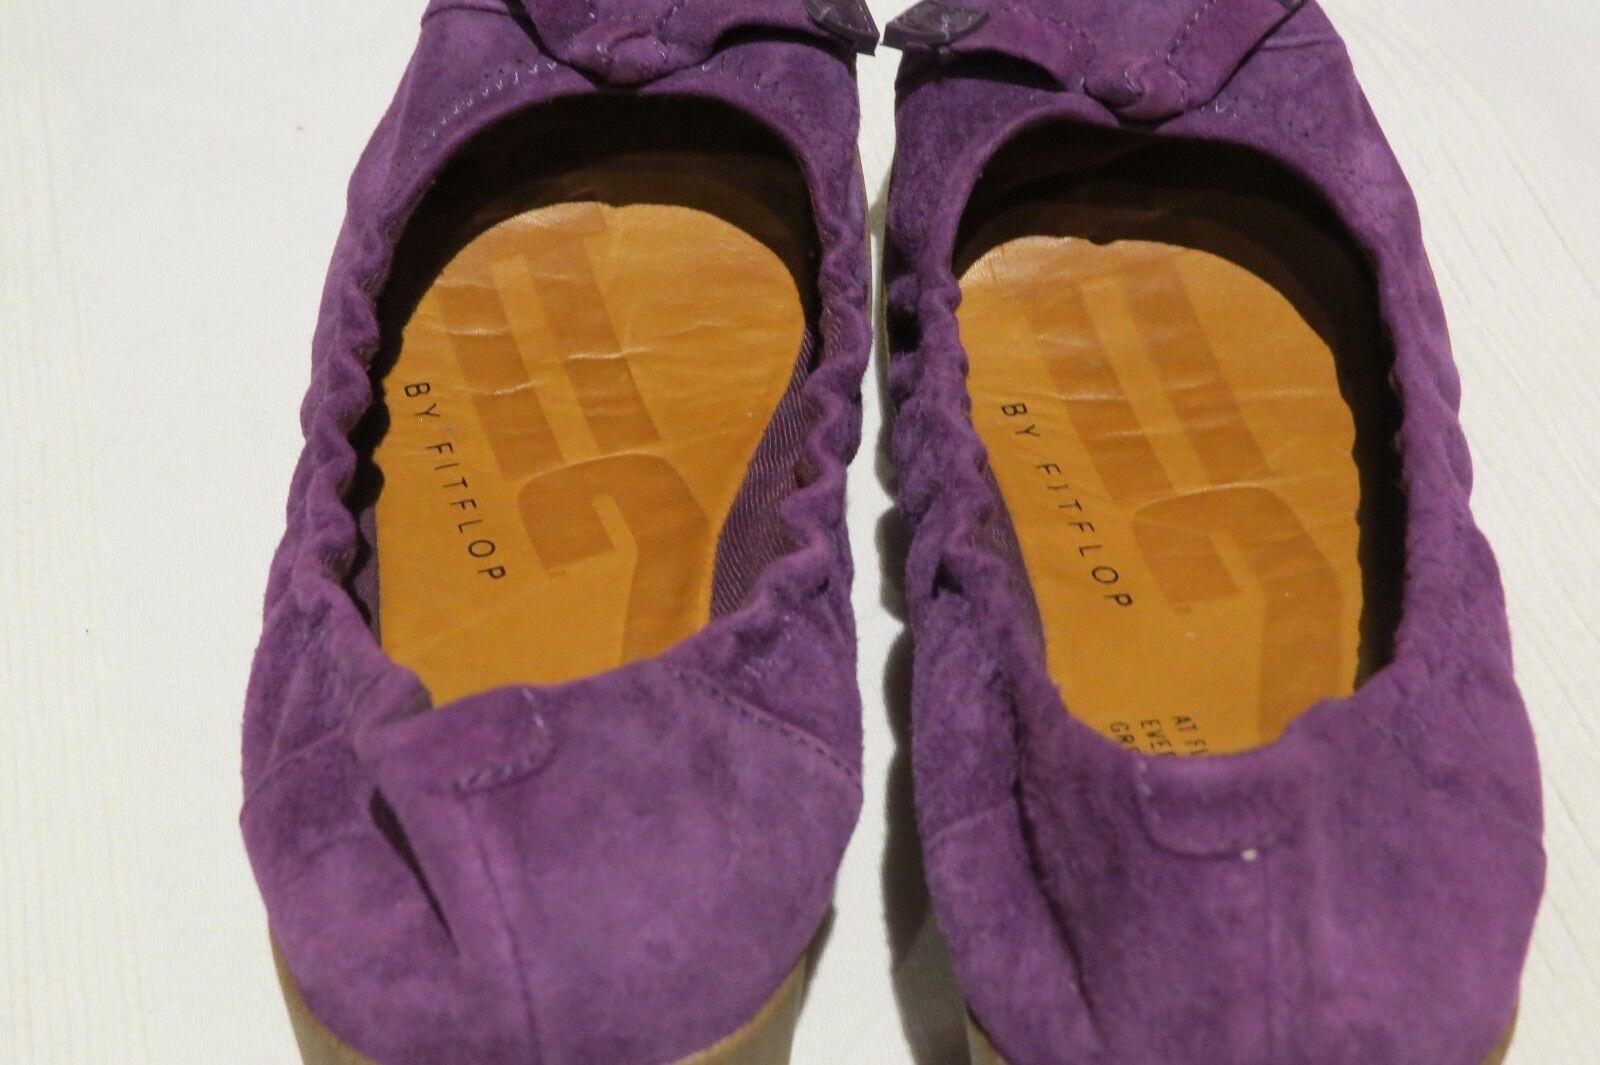 FF2TM BY FitFlop™ F-POP PURPLE SUEDE BALLERINA PUMPS Schuhe UK 4.5 EU37.5